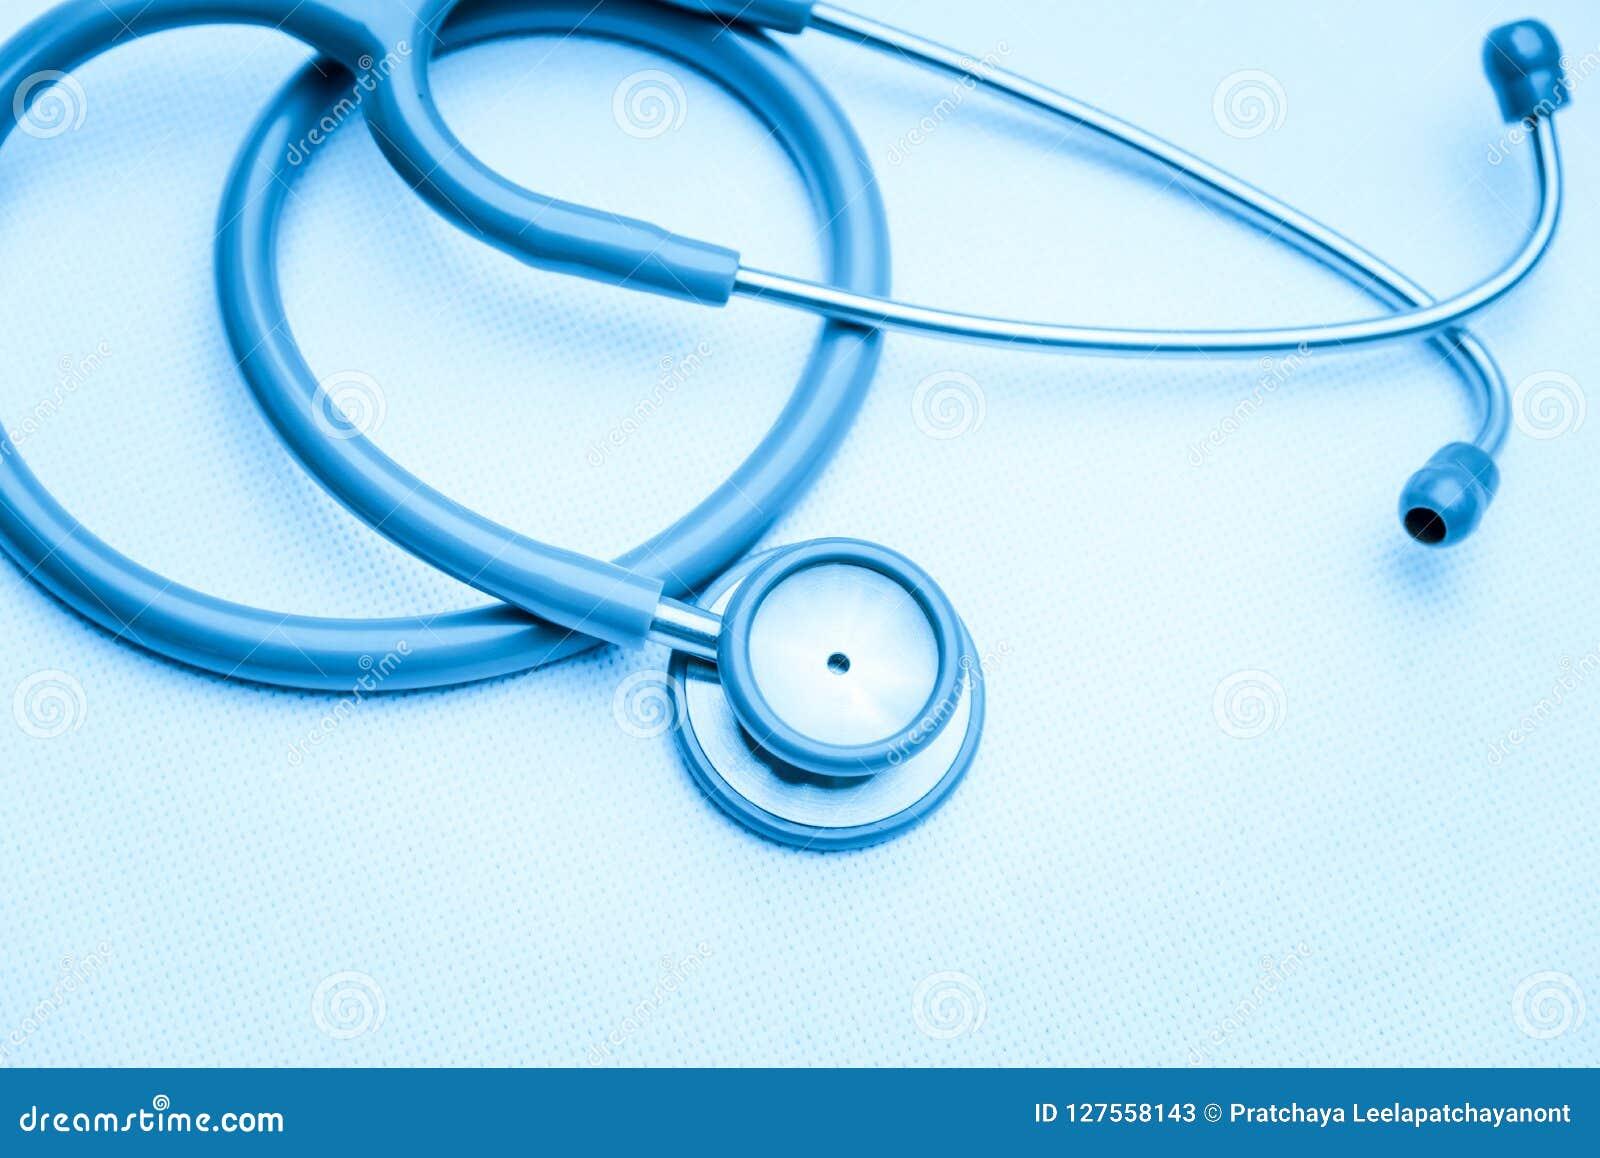 Attrezzatura medica dallo stetoscopio su tela bianca dispositivo degli strumenti per medico Concetto della medicina